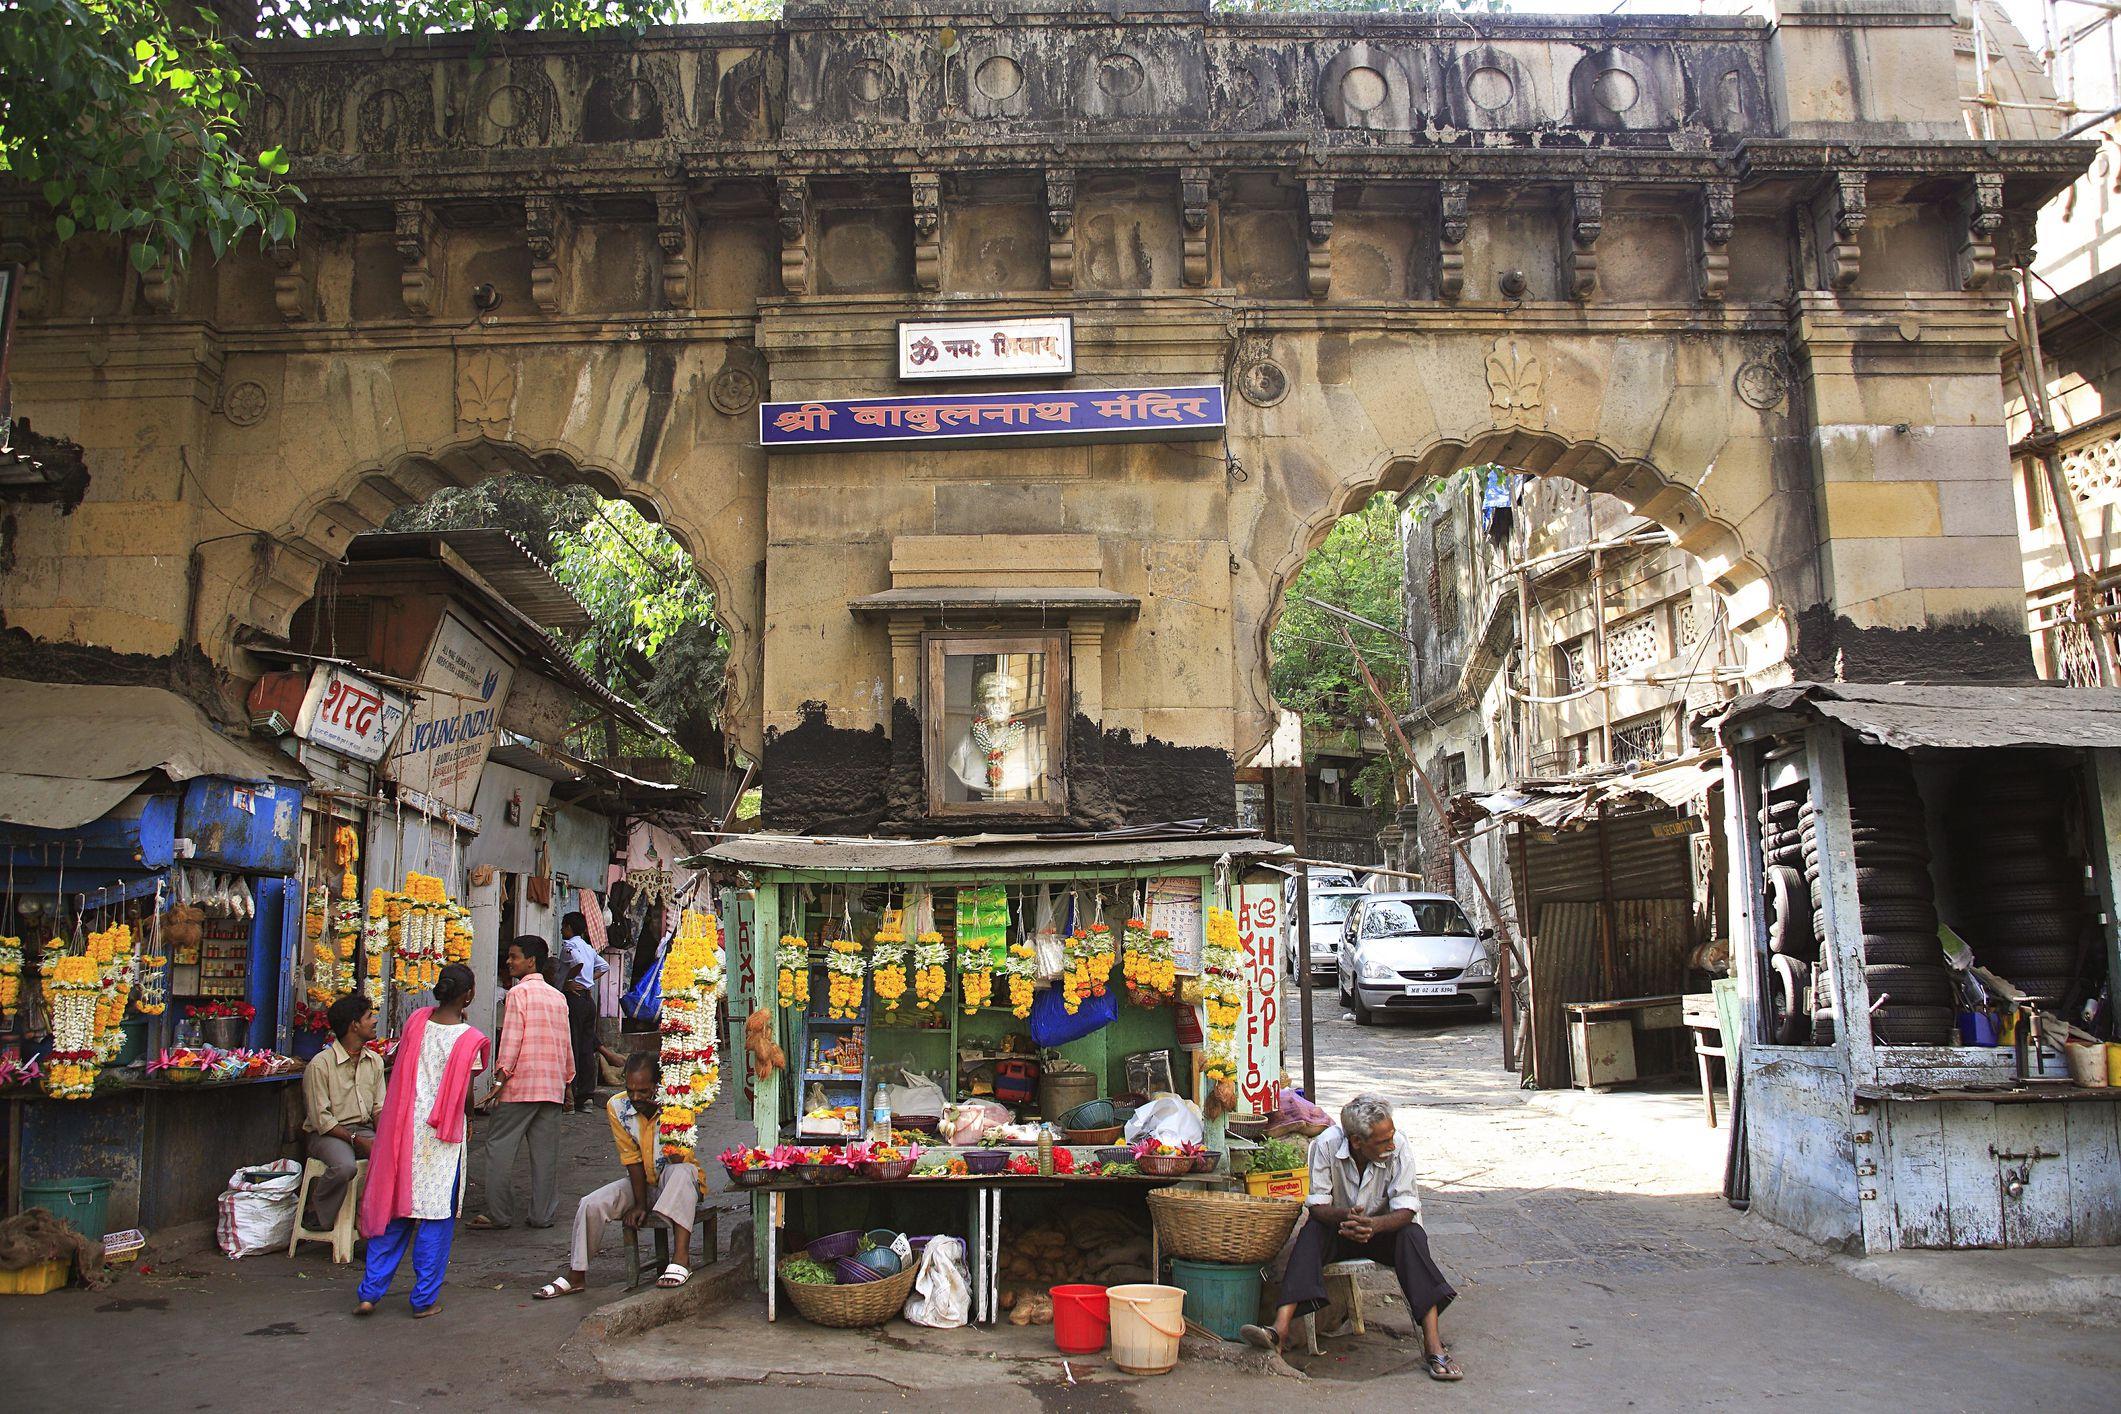 Shree babulnath shiva temple and shop, Malabar Hill, Bombay, Mumbai, Maharashtra, India